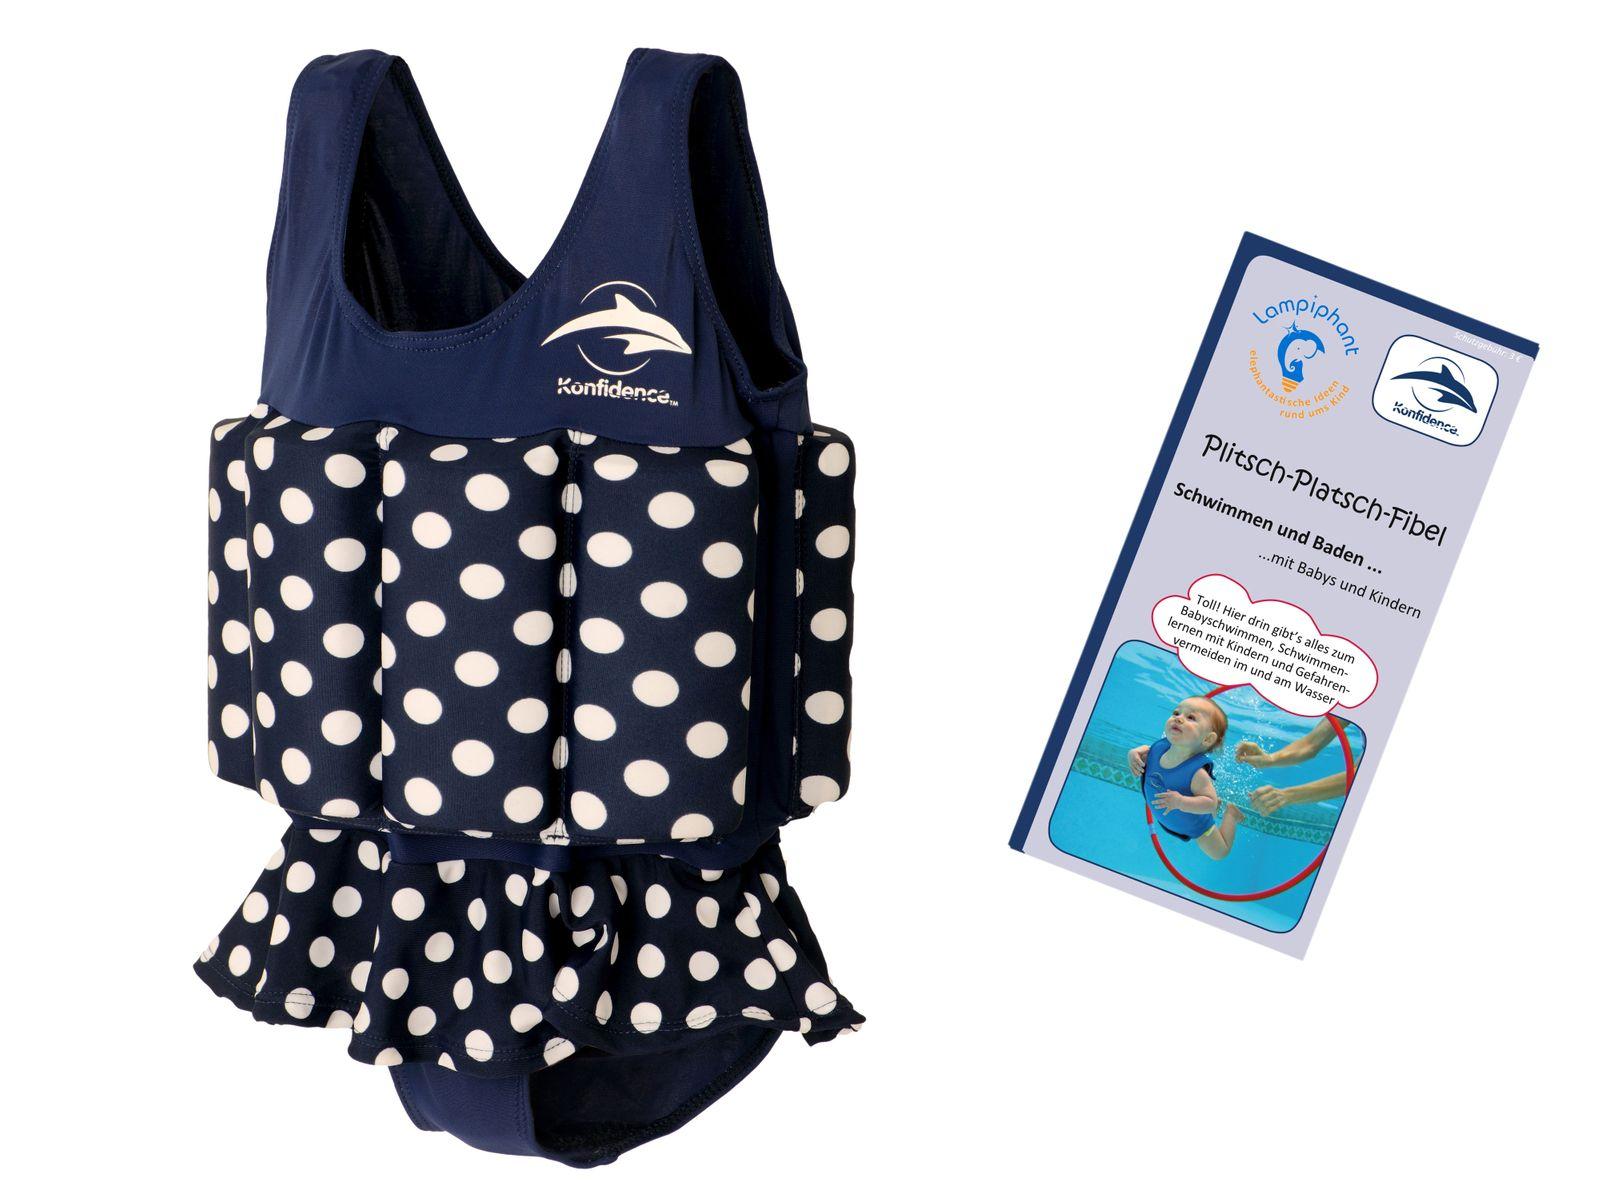 Konfidence Floatsuit, Schwimmhilfe mit umfangreichen Schwimmratgeber – Bild 7